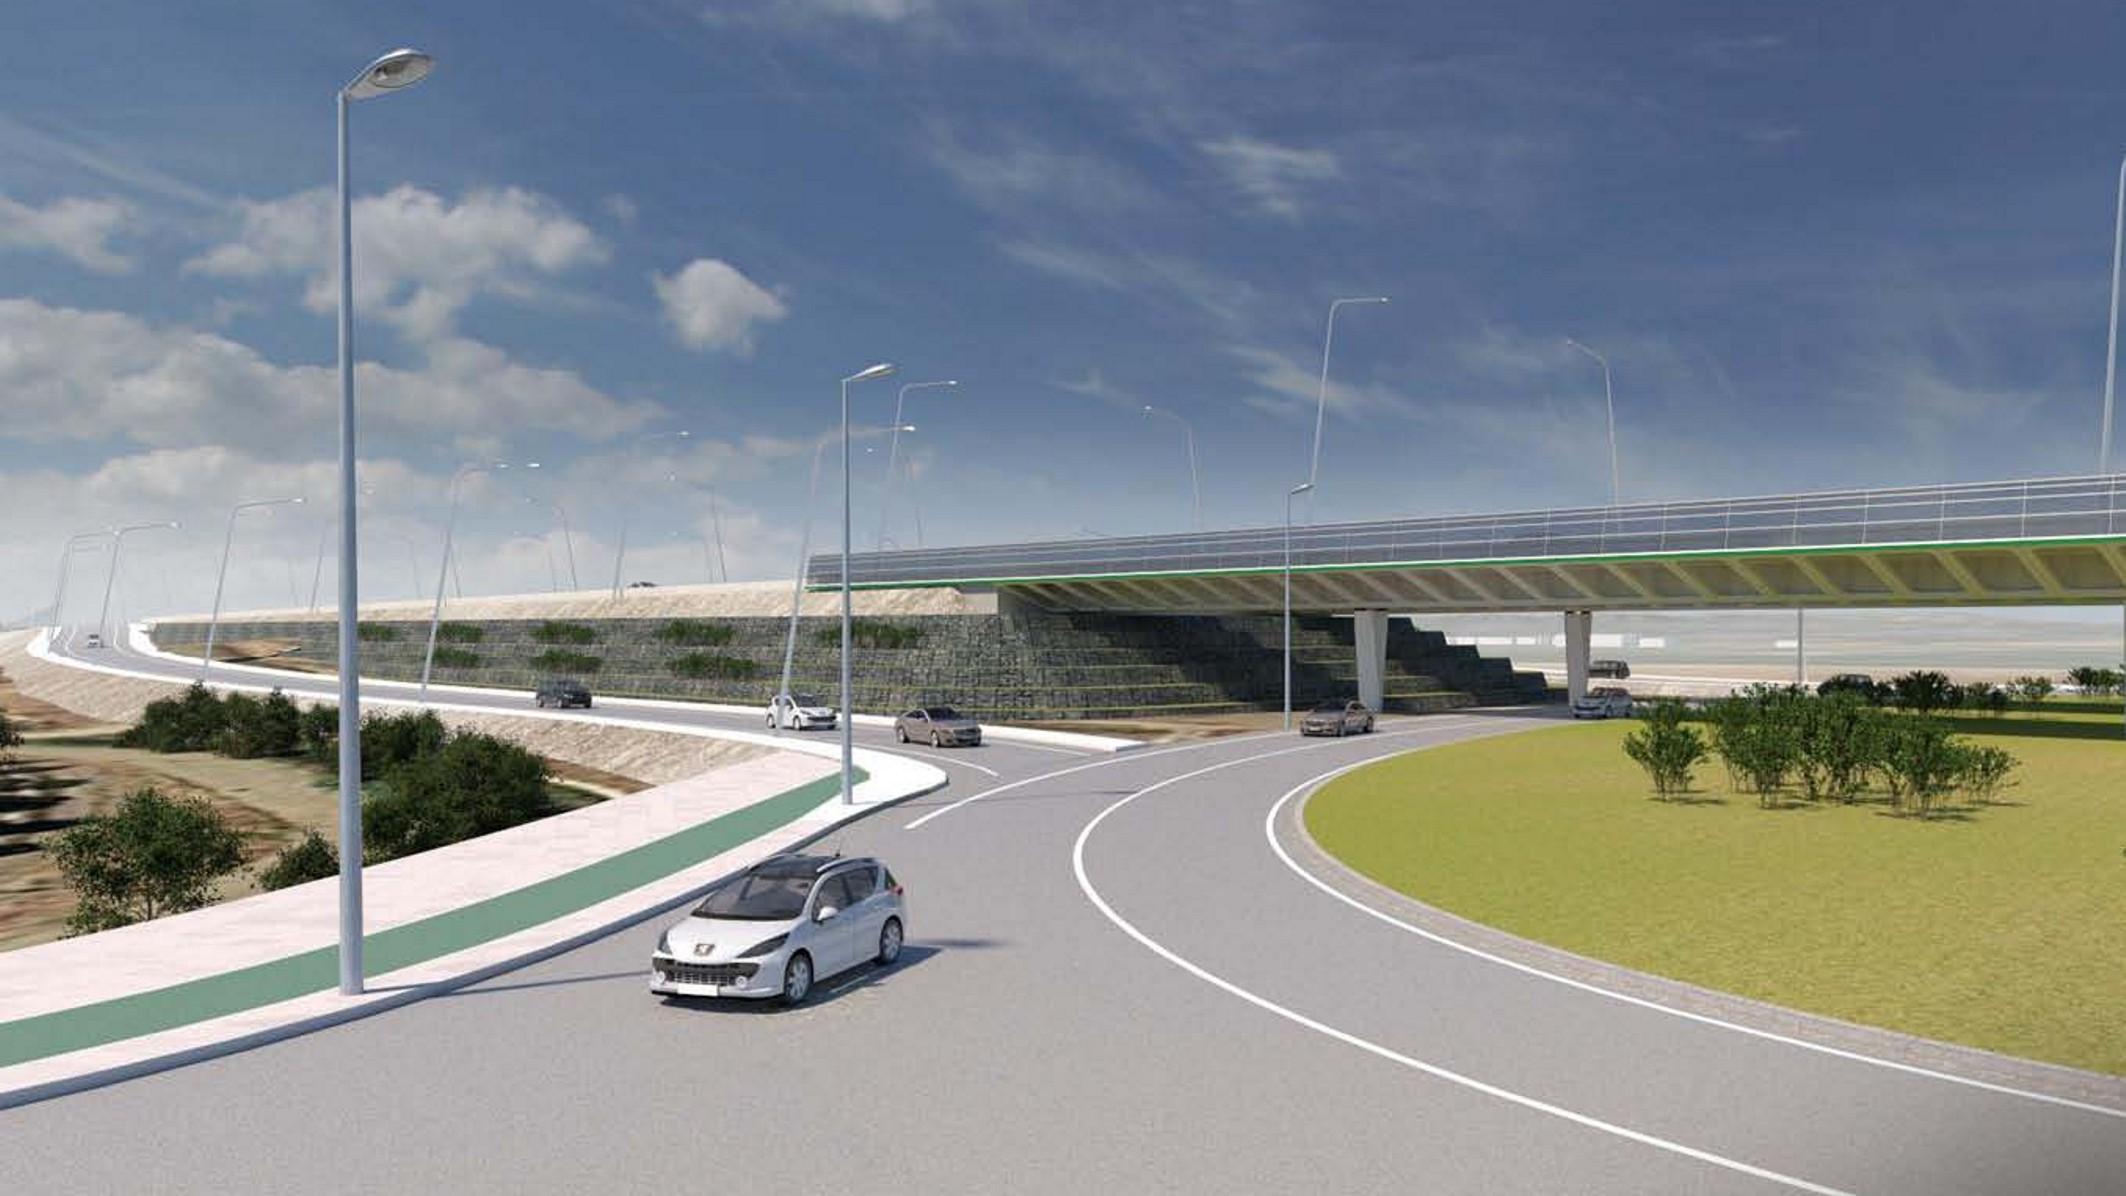 El nuevo viaducto mejora la accesibilidad en la zona norte del área metropolitana.